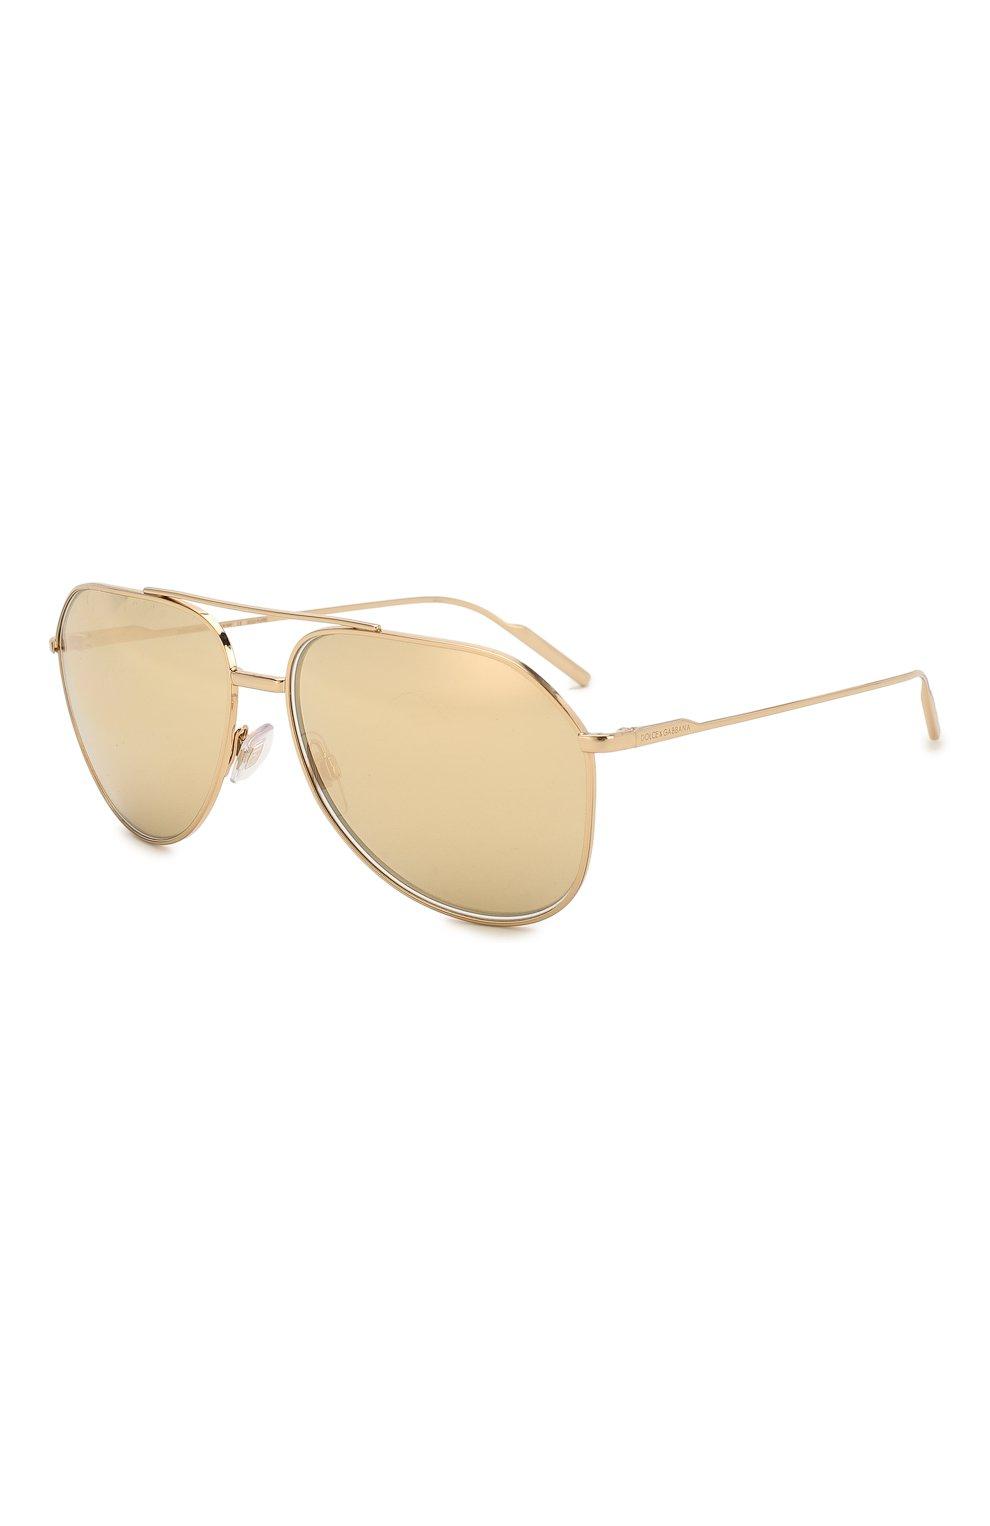 Женские солнцезащитные очки DOLCE & GABBANA золотого цвета, арт. 2166-K02/F9 | Фото 1